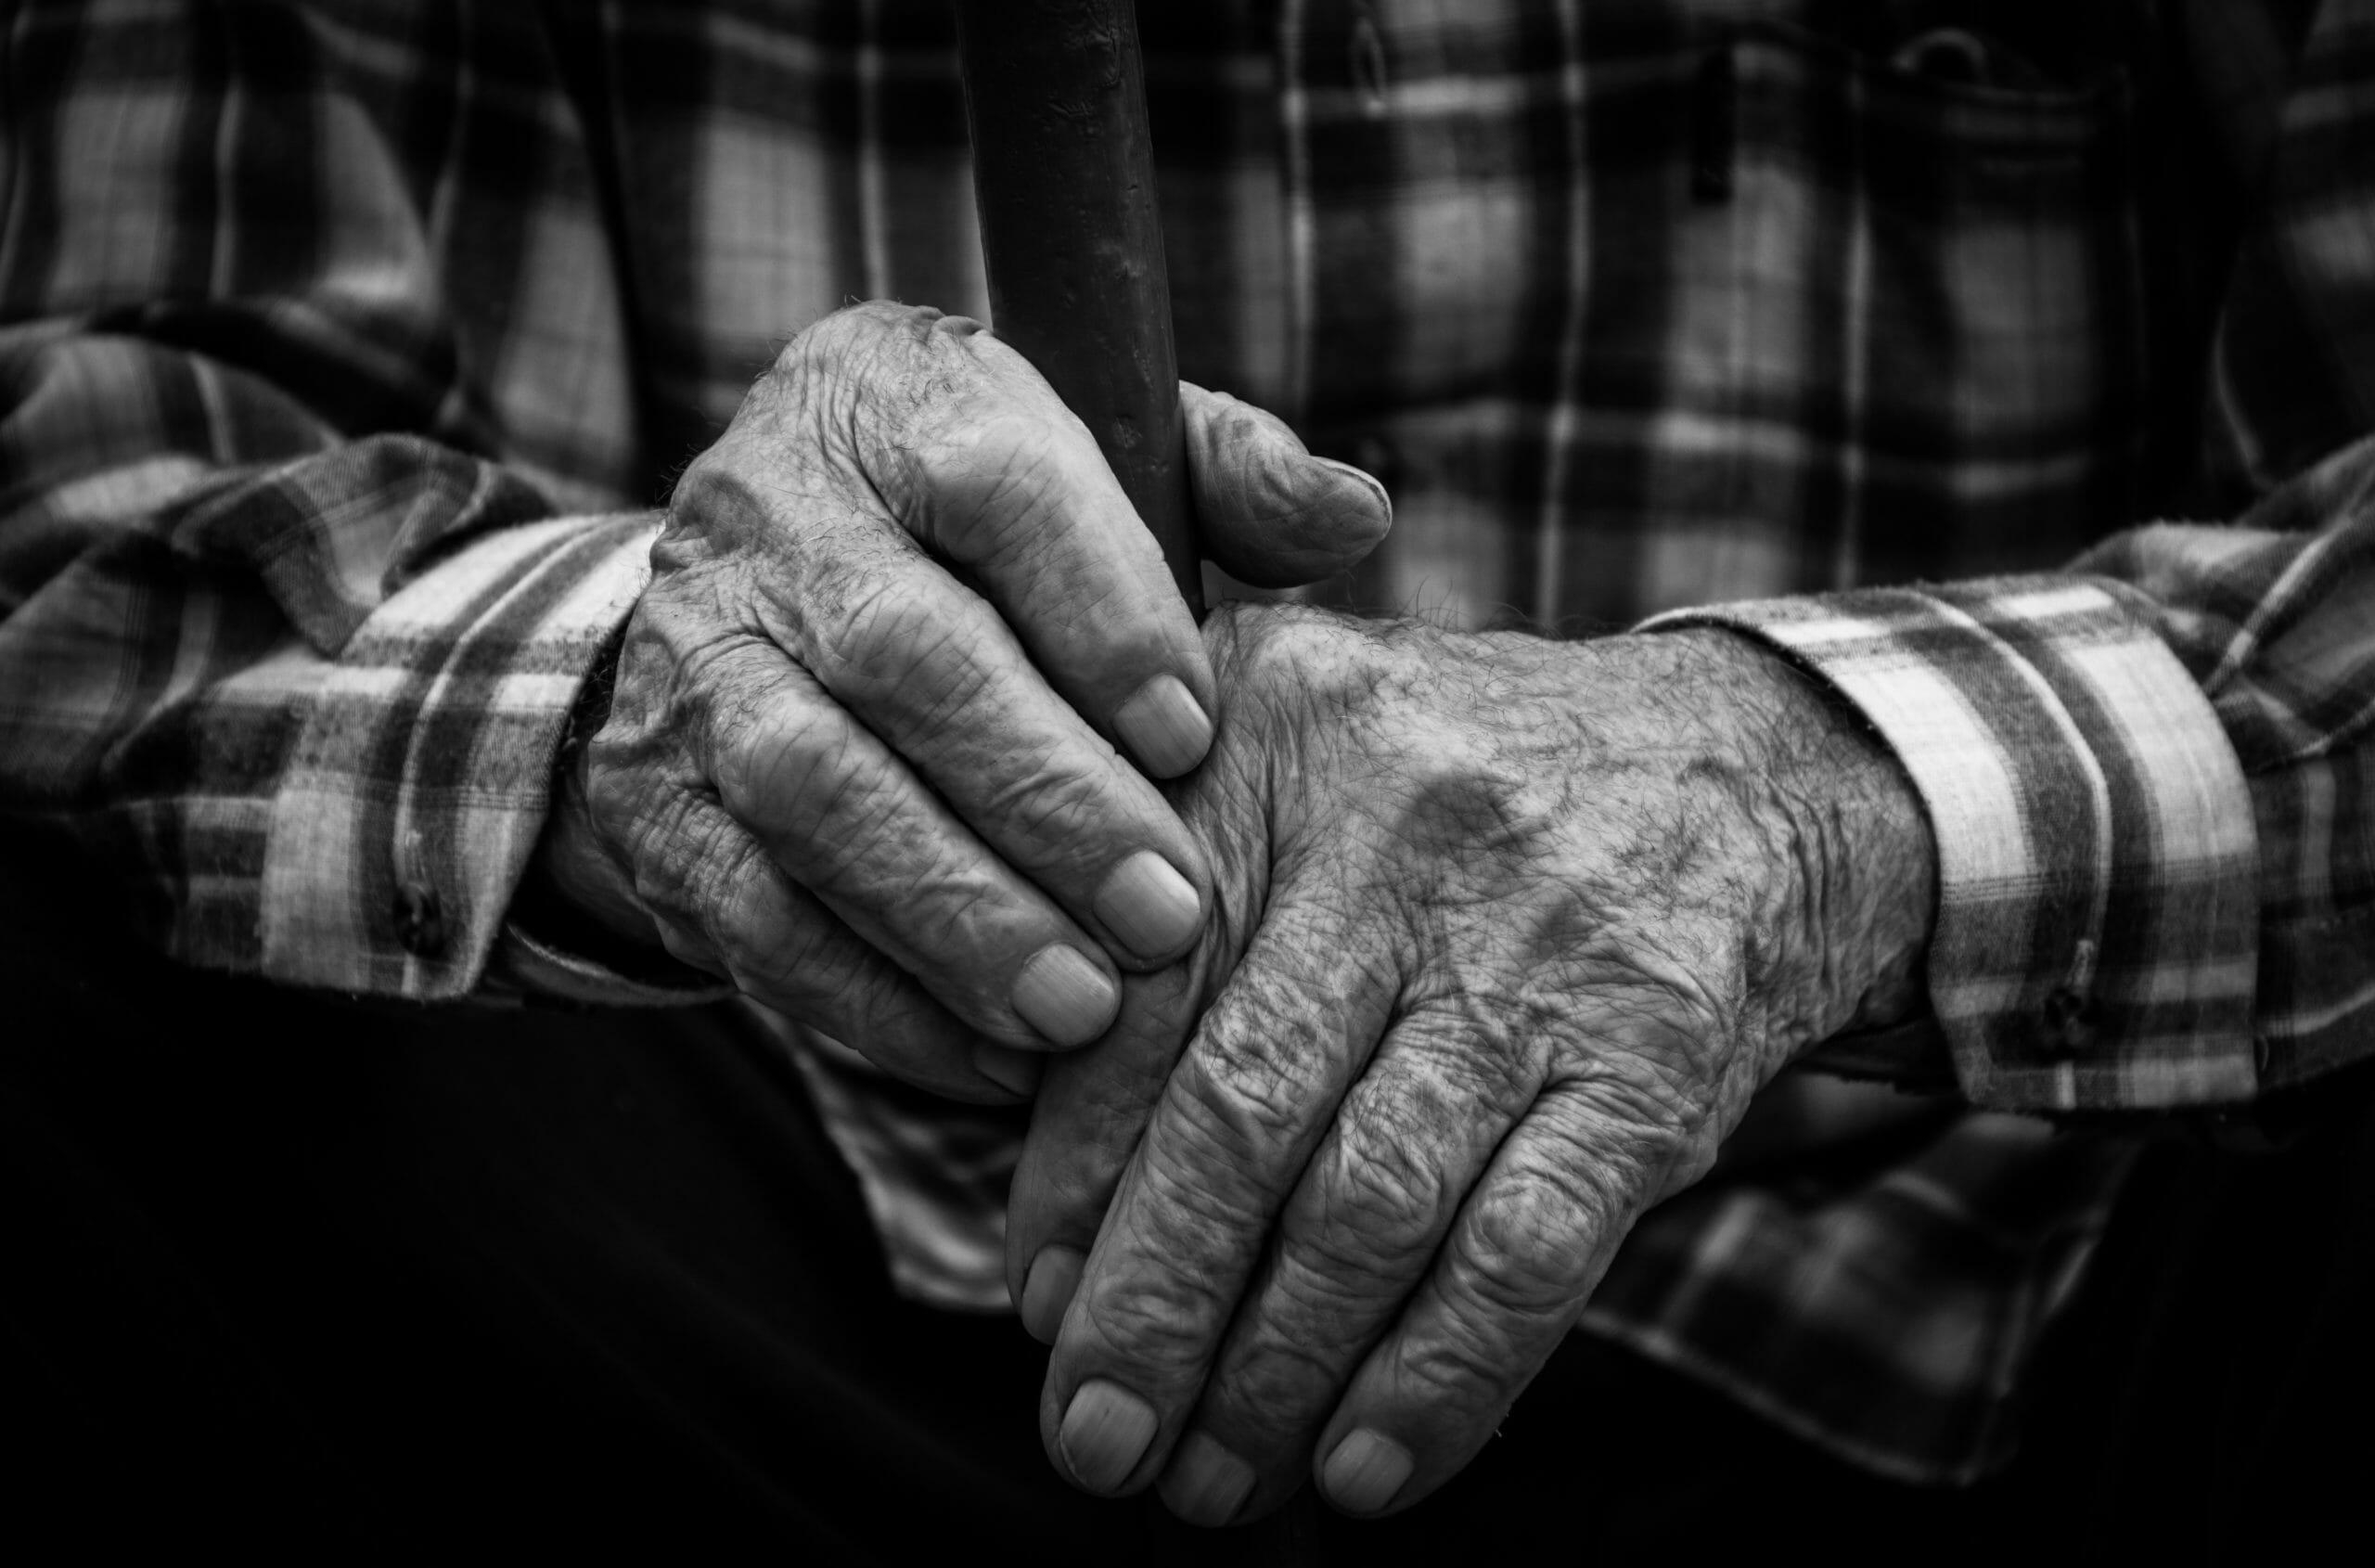 I 2050 forventes dobbelt så mange over 80 år. Er velfærden udfordret?